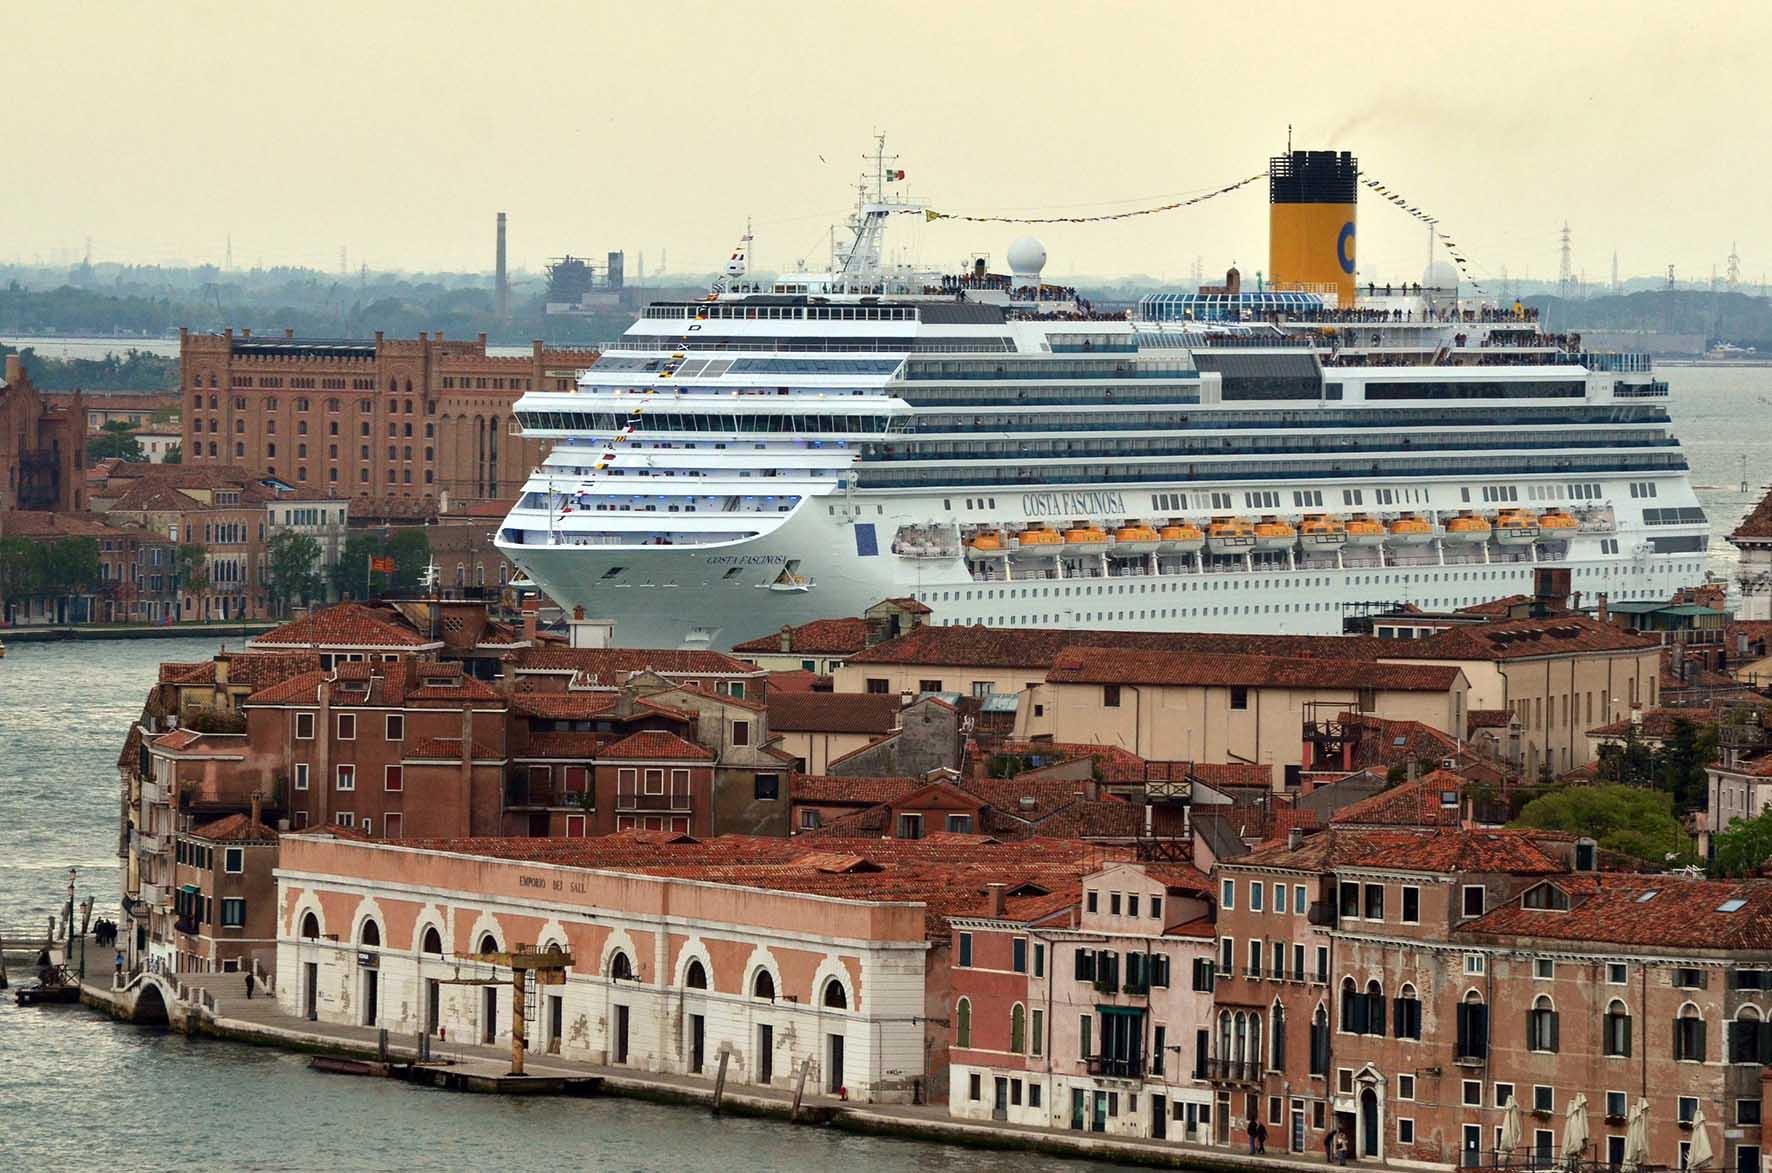 Venezia grandi navi da crociera giudecca 2